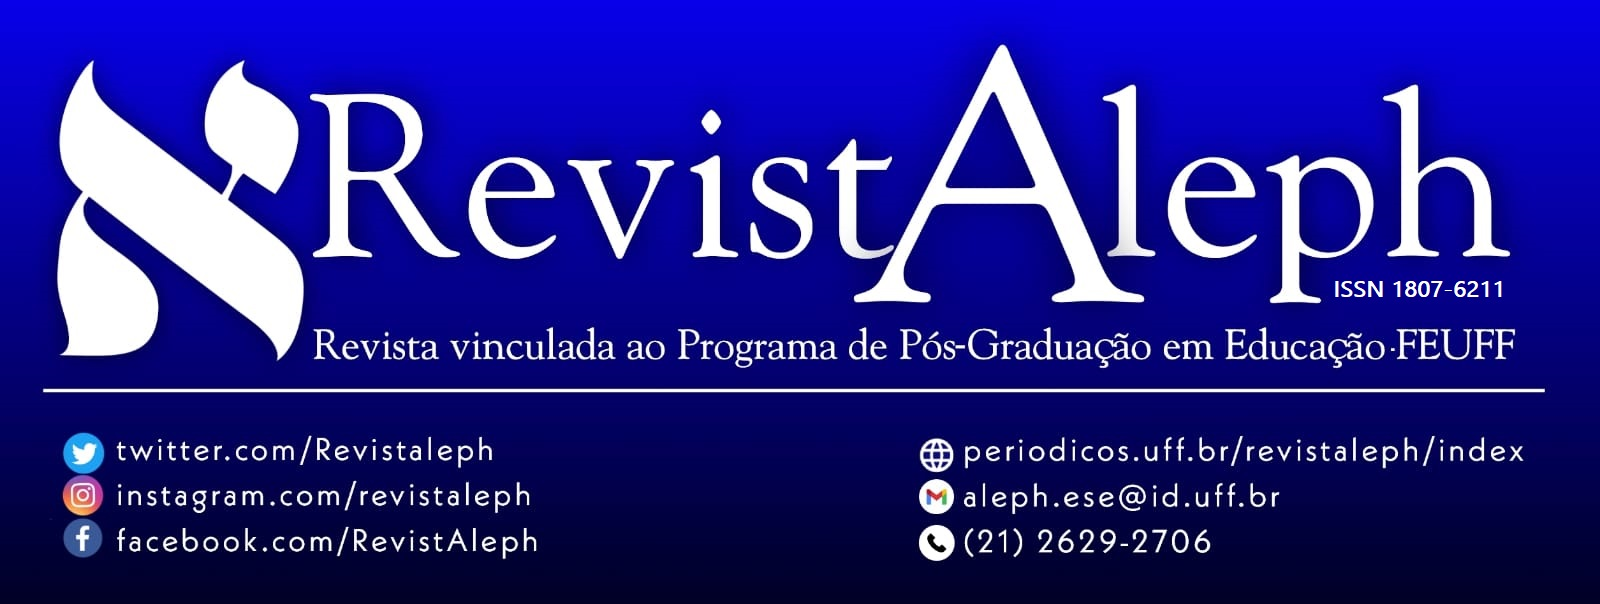 Símbolo e nome da RevistAleph. Revista vinculada ao PPG em Educação da FEUFF. Contato nas redes sociais - ISSN: 18076211 - E-mail: aleph.ese@id.uff.br